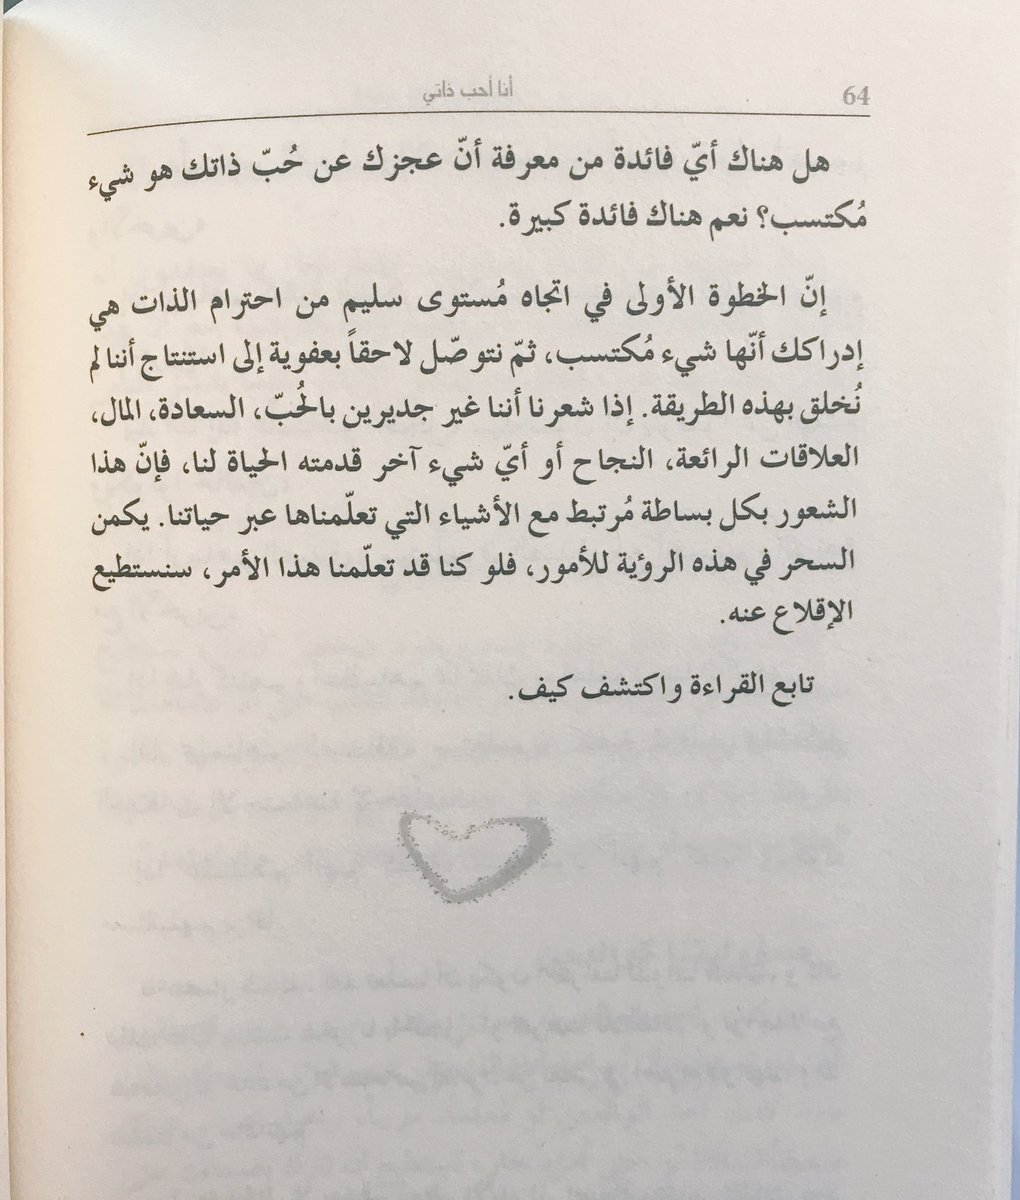 صور حب الذات في علم النفس , تفسير مشكله حب الانسان لنفسه